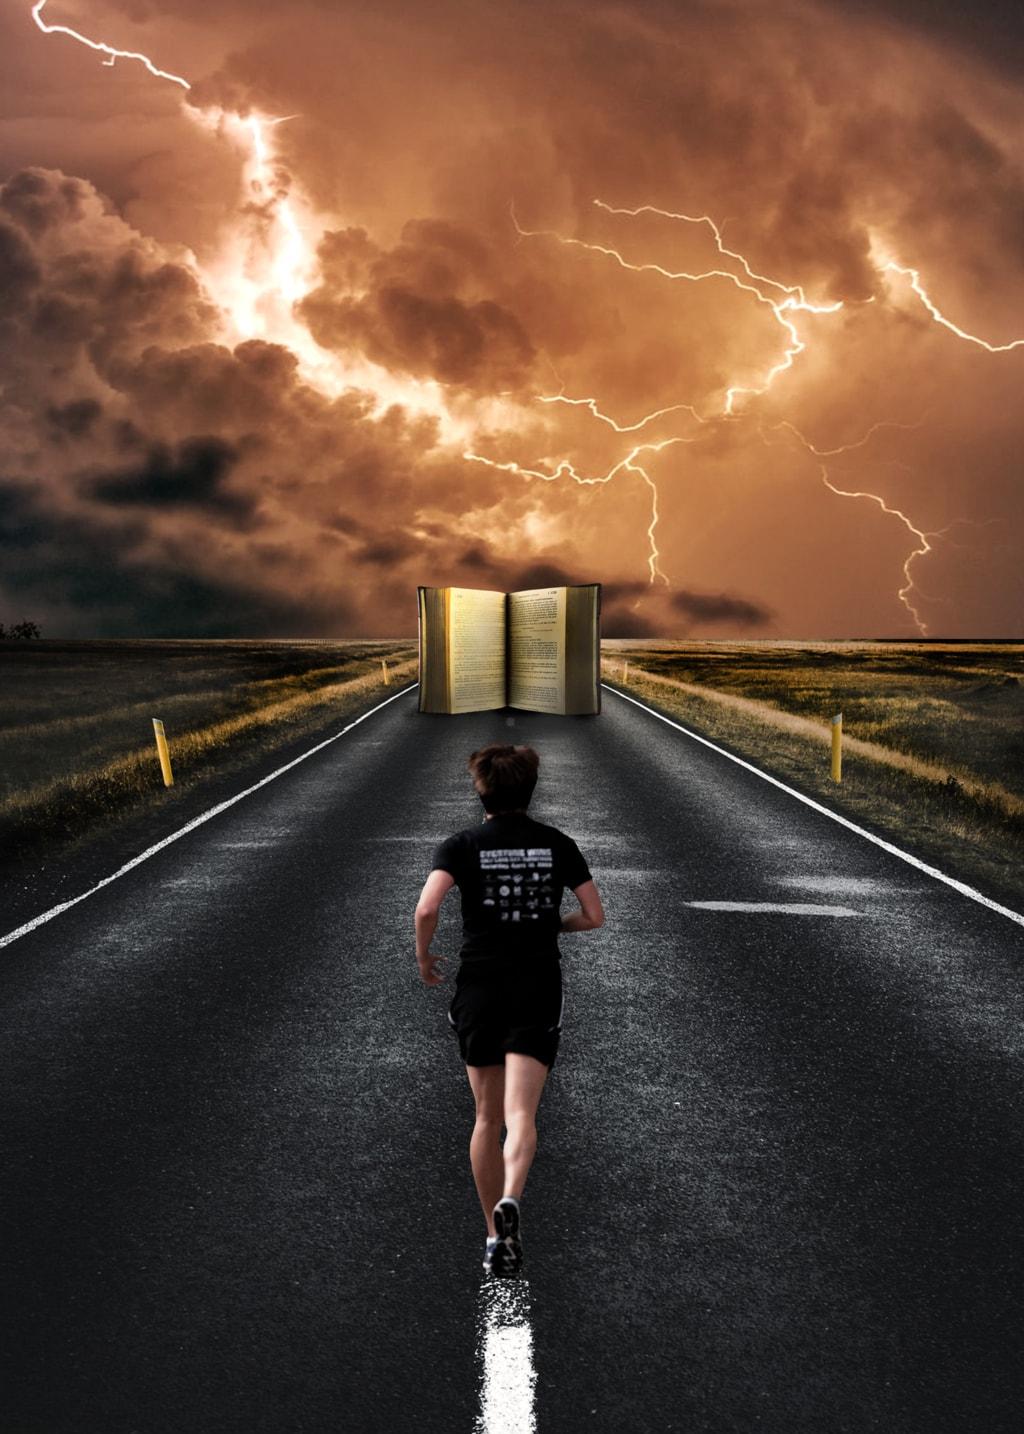 the right path via Opel Mendoza